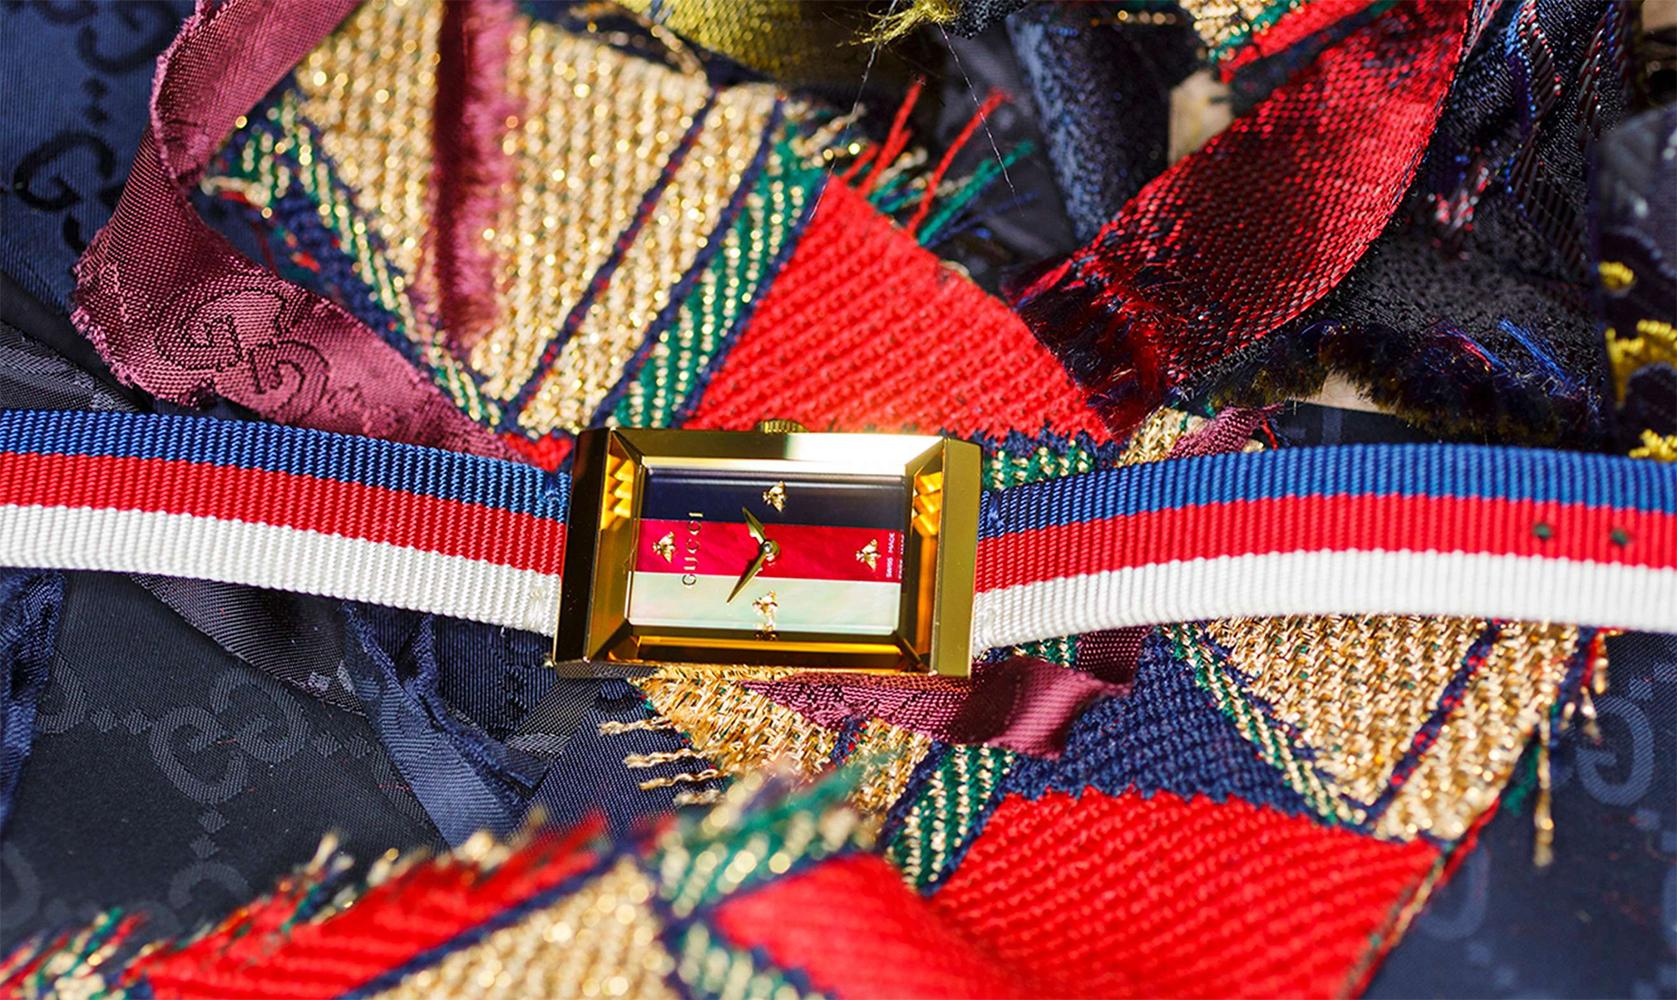 martin parr,gucci,campaign,accessories,jewellery